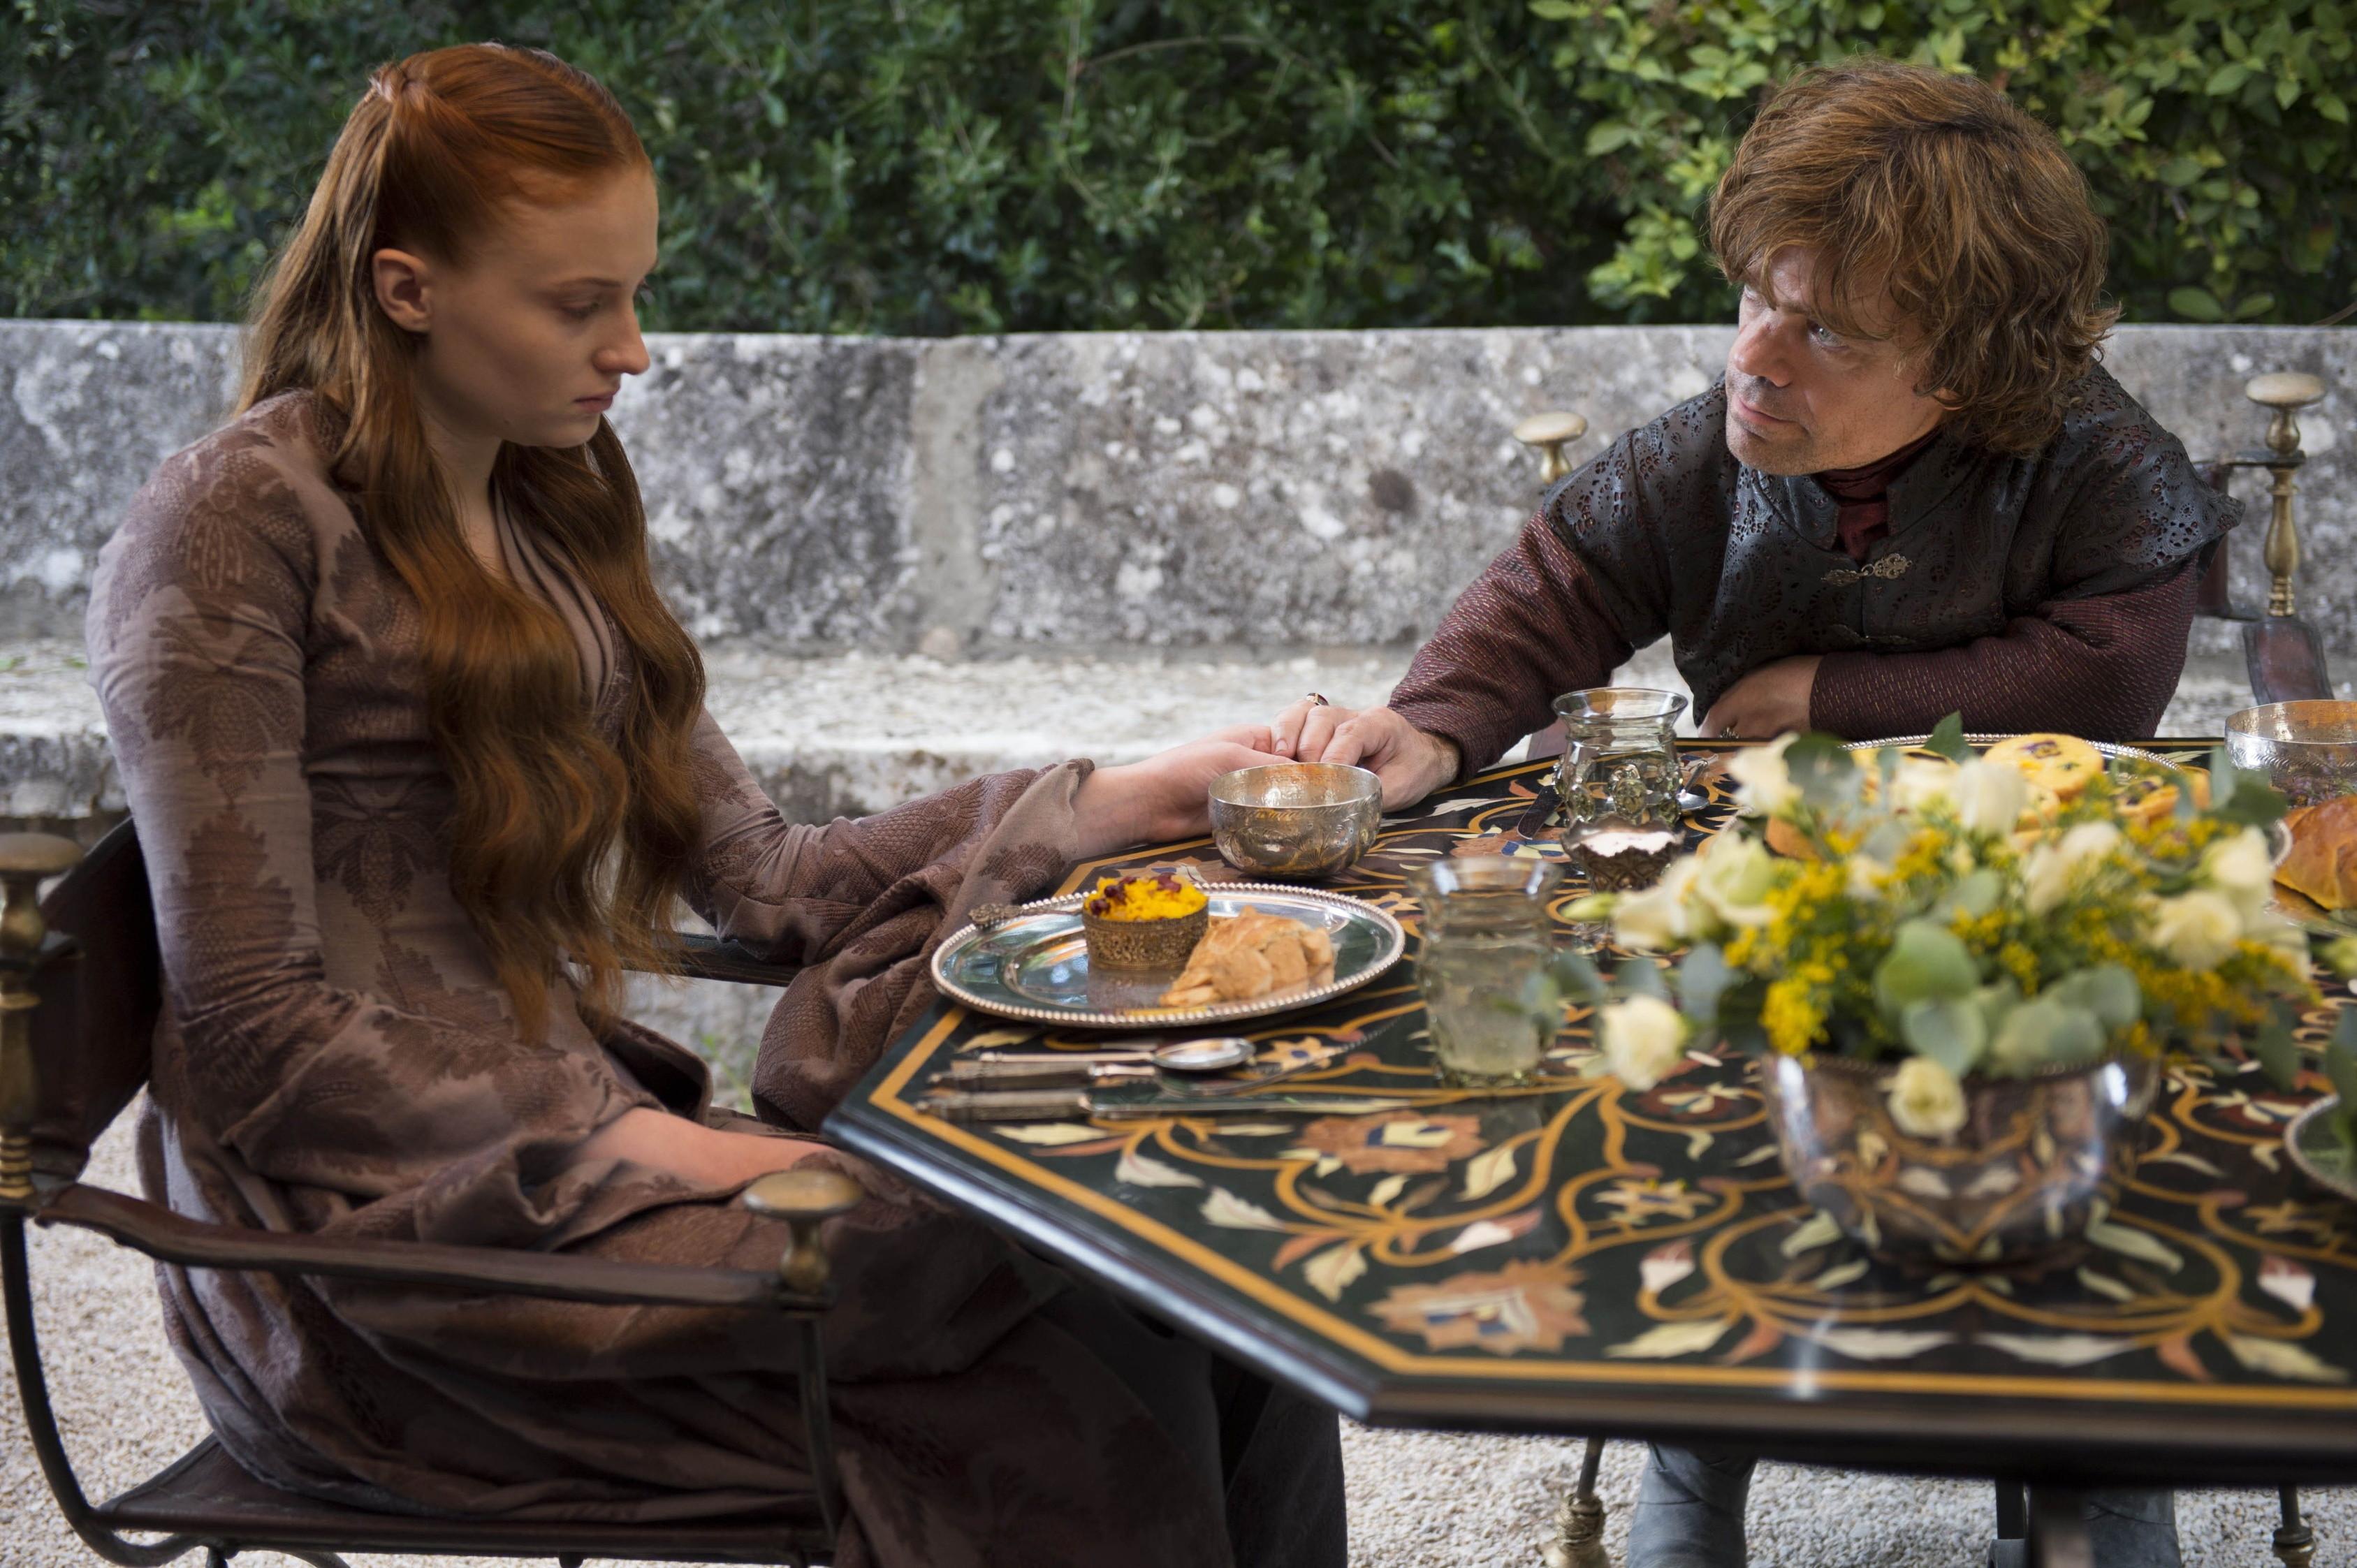 В HBO рассказали почему отложили Игру престолов до 2019 года